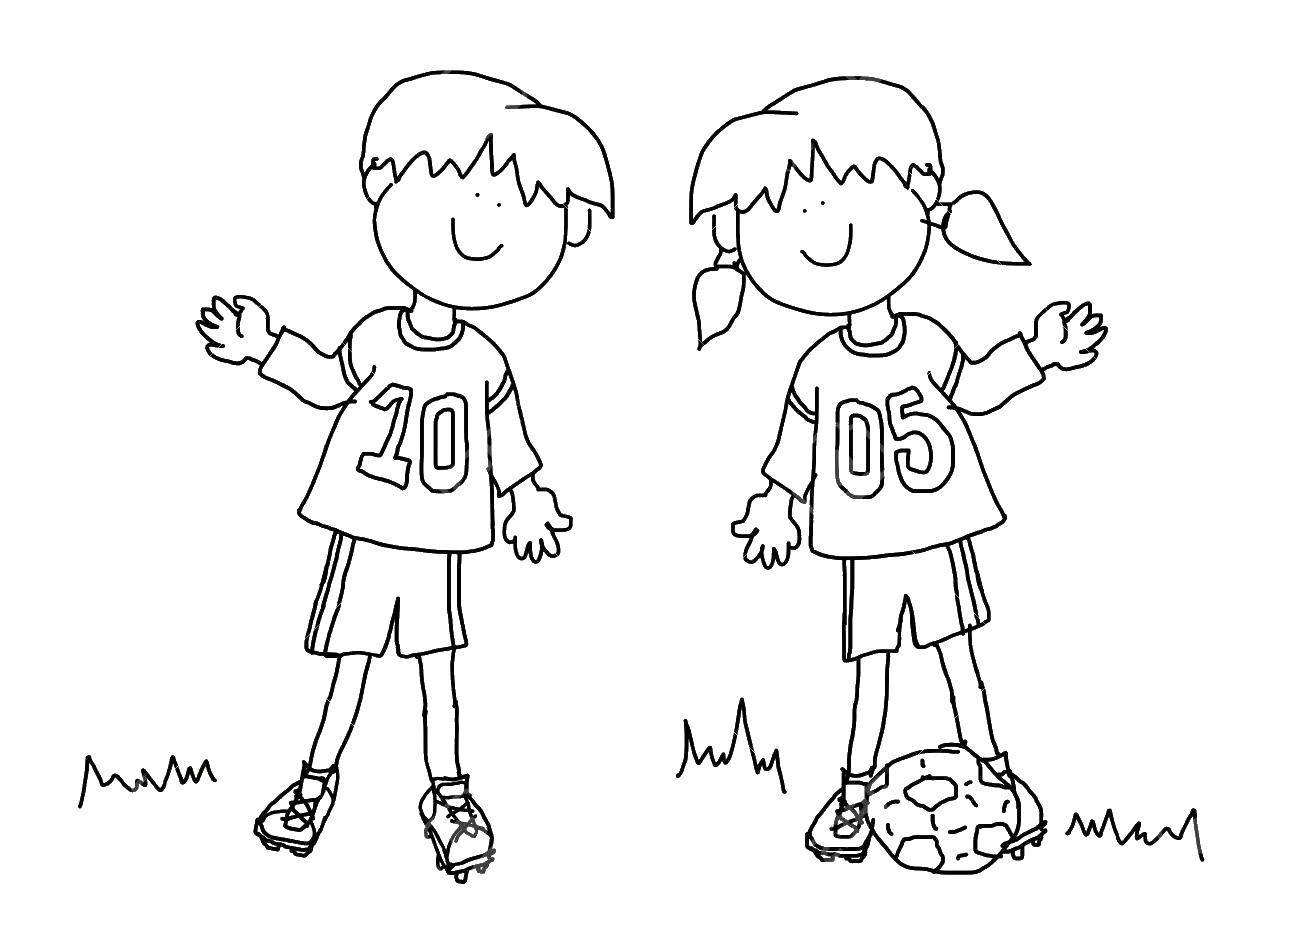 Раскраска Мальчик и девочка играют в футбол Скачать Мальчик, девочка.  Распечатать ,Контур людей,